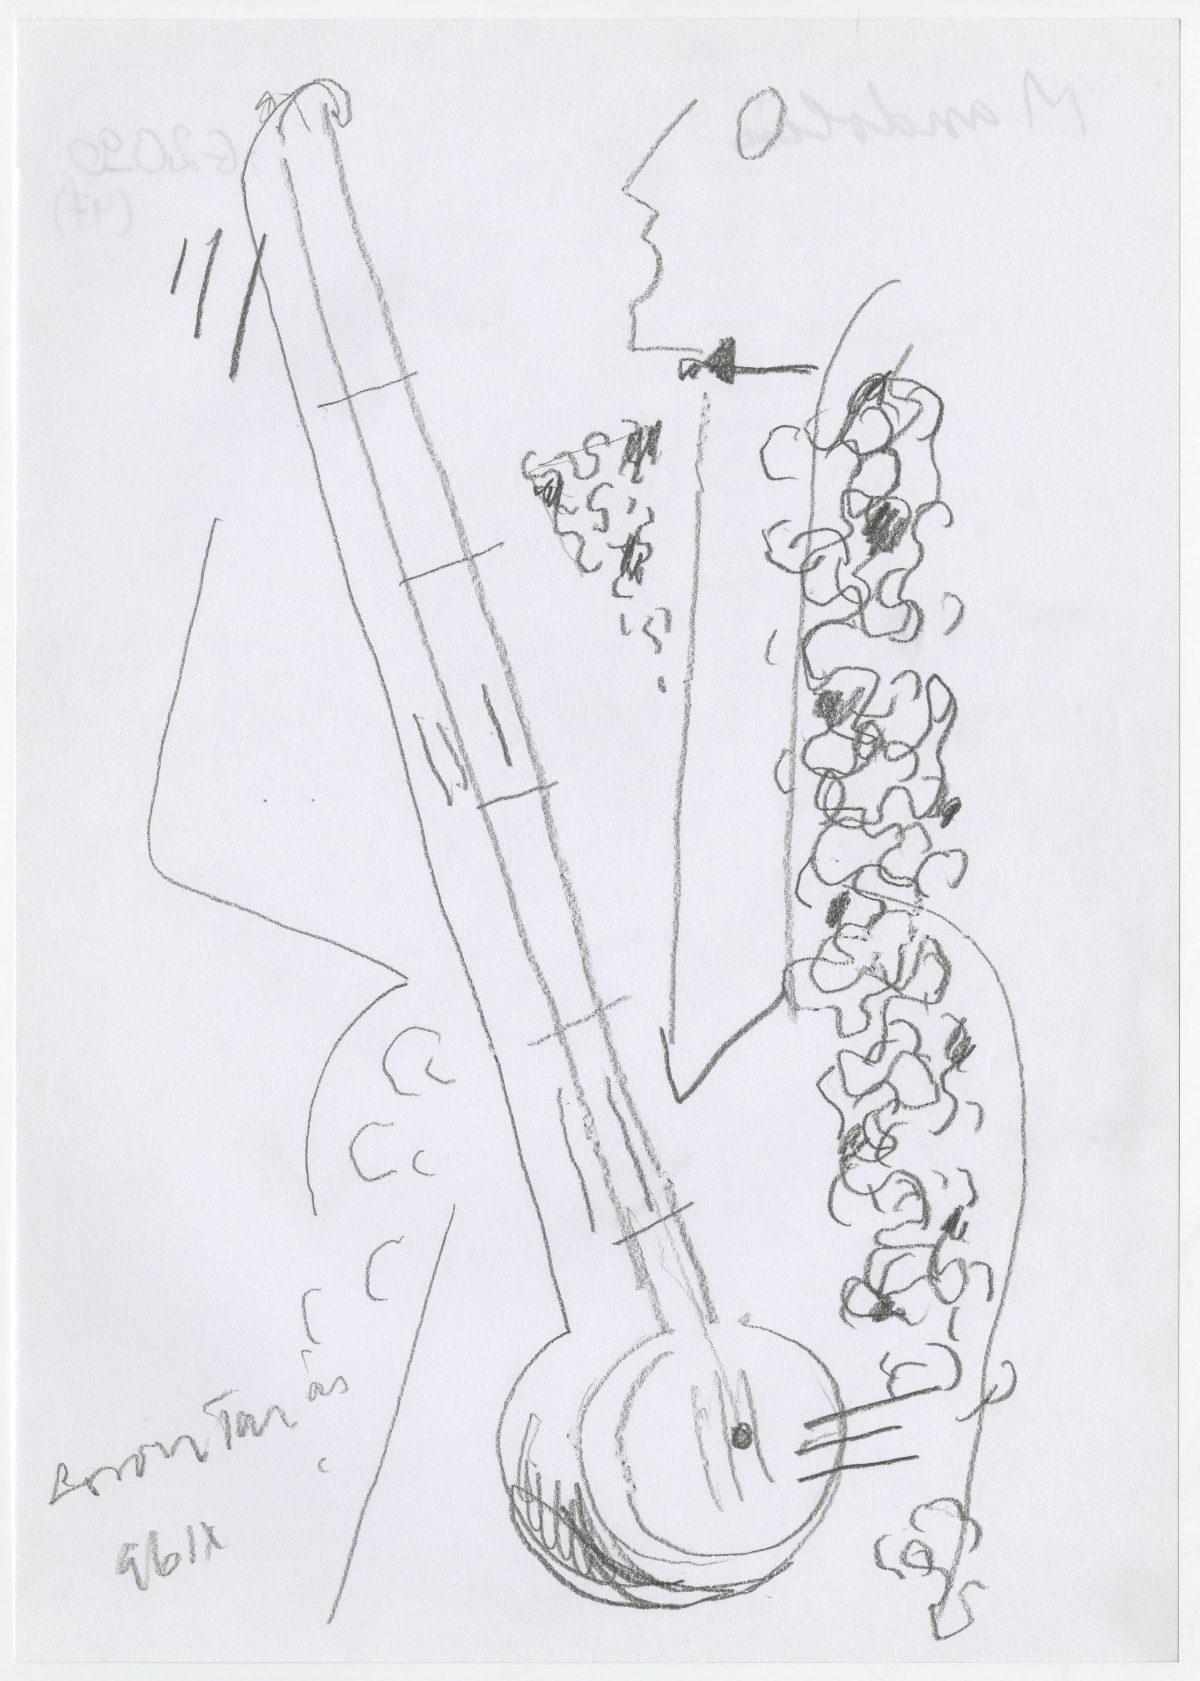 G02090(47)<br/> <b>Cím:</b> Mandolin <br/> <b>Méret cm:</b> 29,8X21,0 <br/> <b>Készült:</b> 1996. <br/> <b>Technika:</b> ceruza<br/>